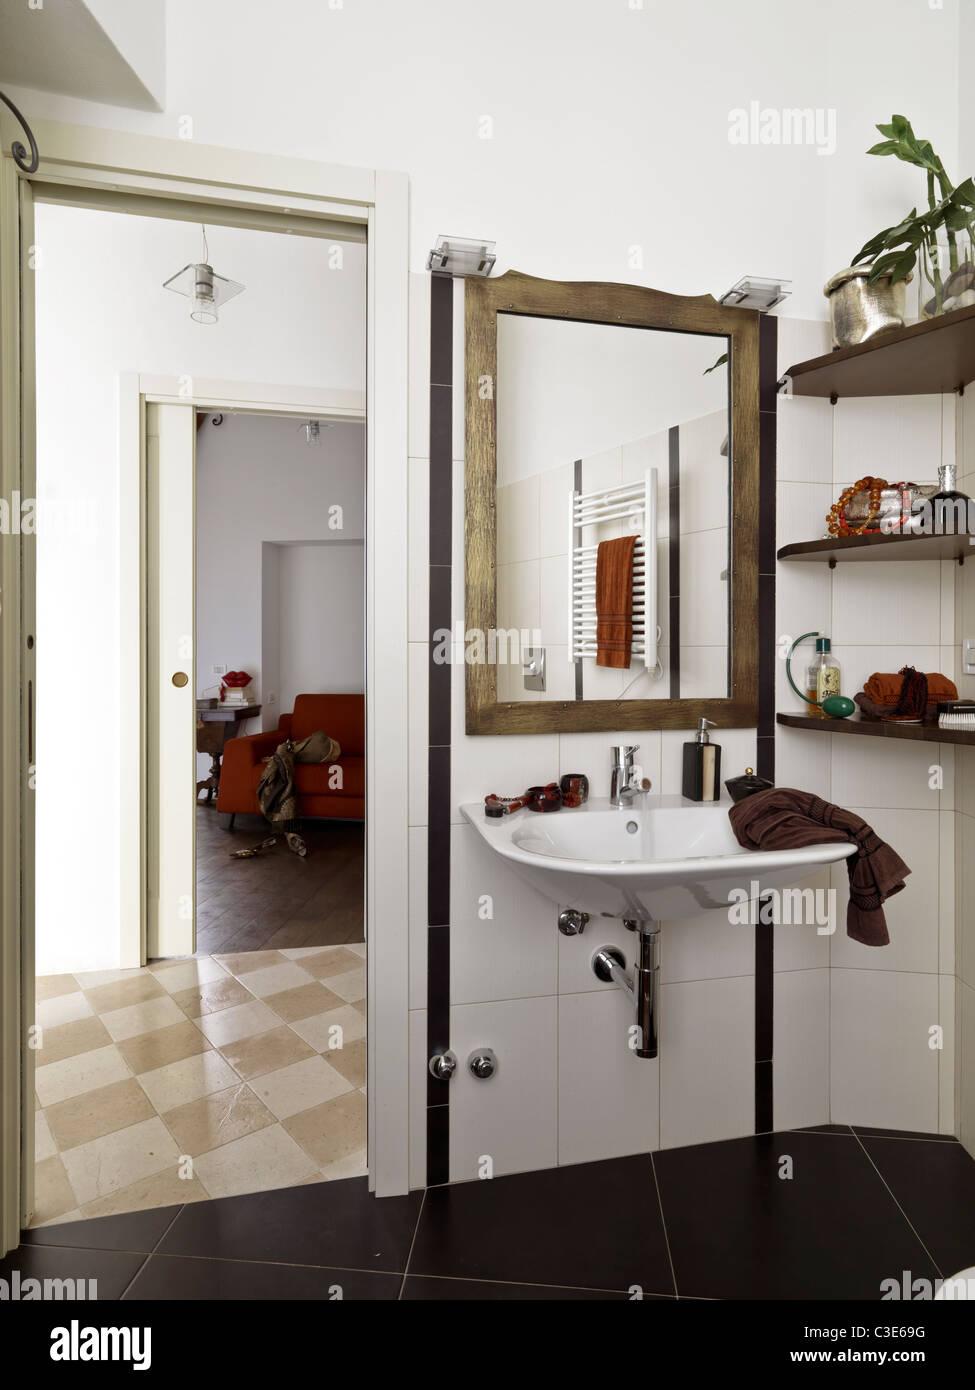 Dorable Cómo Enmarcar Espejo De Baño Con Clips Ideas - Ideas ...